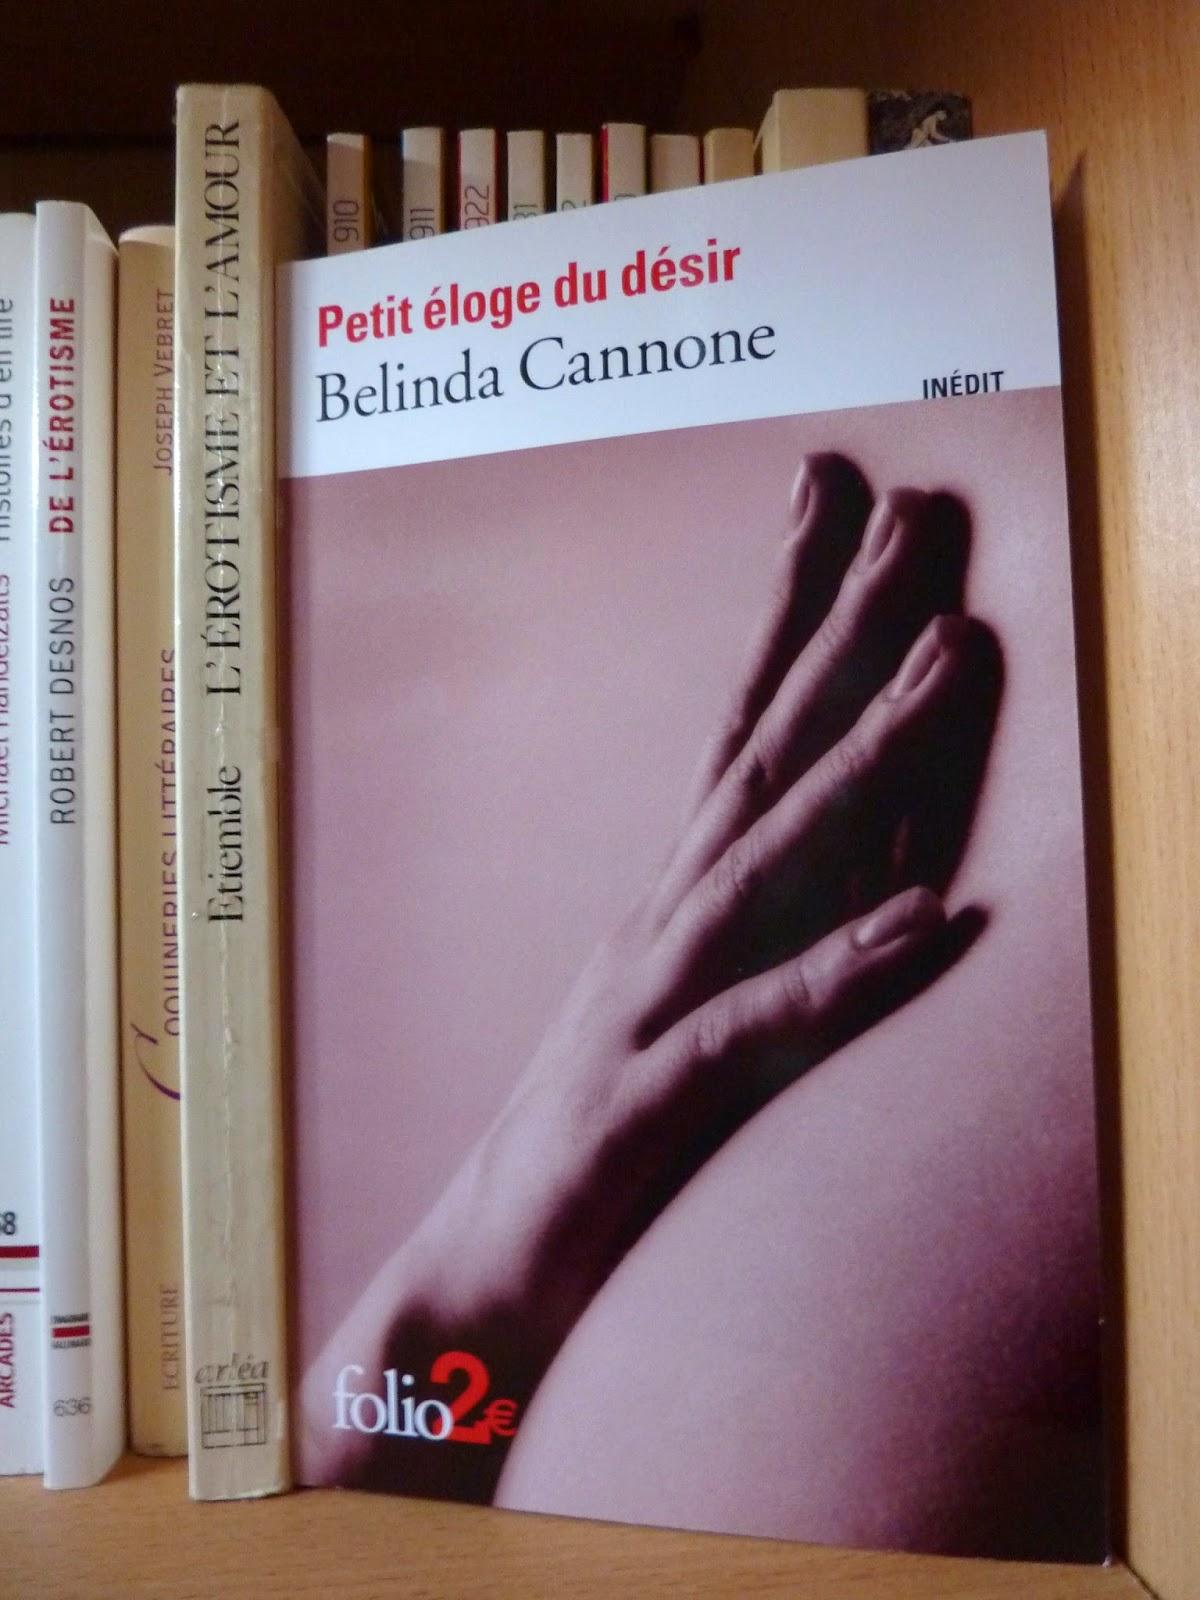 Petit éloge du désir - Belinda Cannone